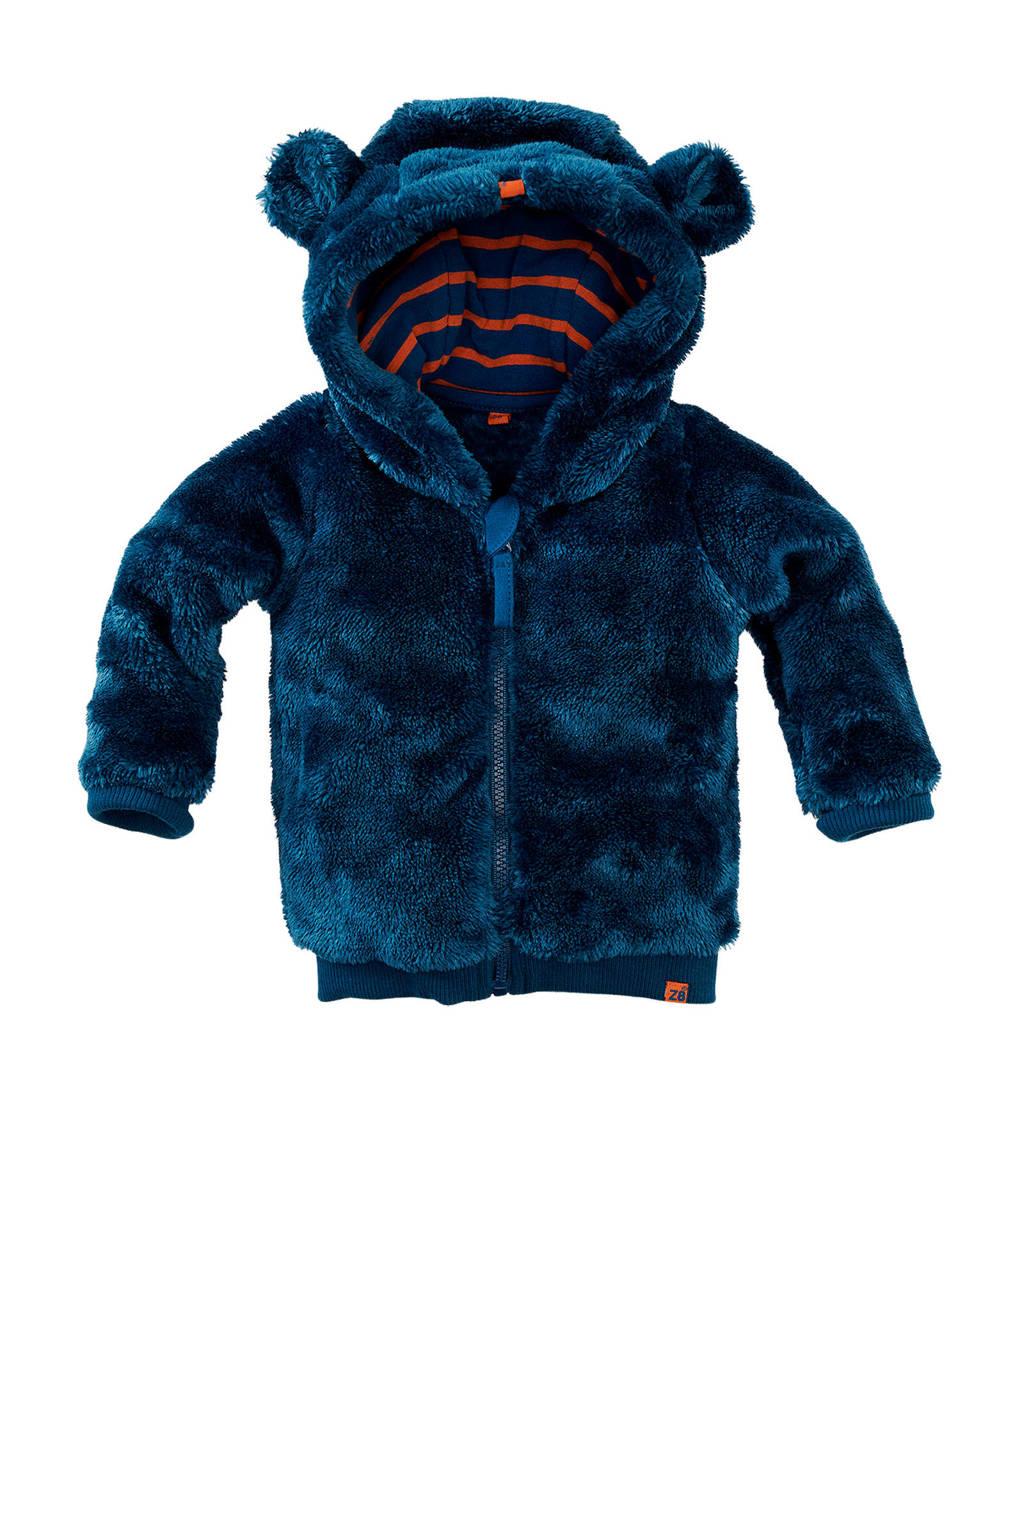 Z8 teddy jas Dallas donkerblauw/donker oranje, Donkerblauw/donker oranje